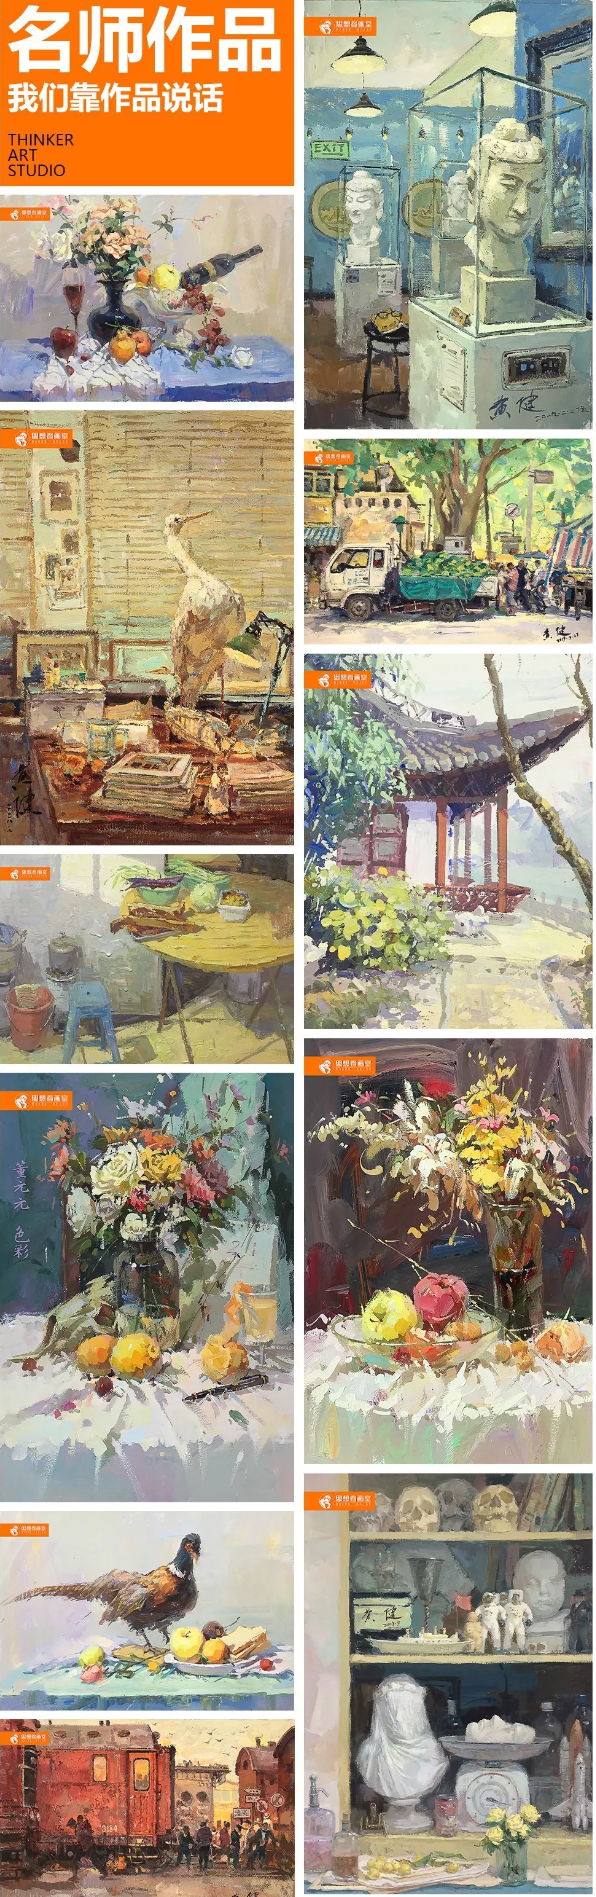 【思想者】寒假班,北京画室,北京美术培训,北京寒假班   09